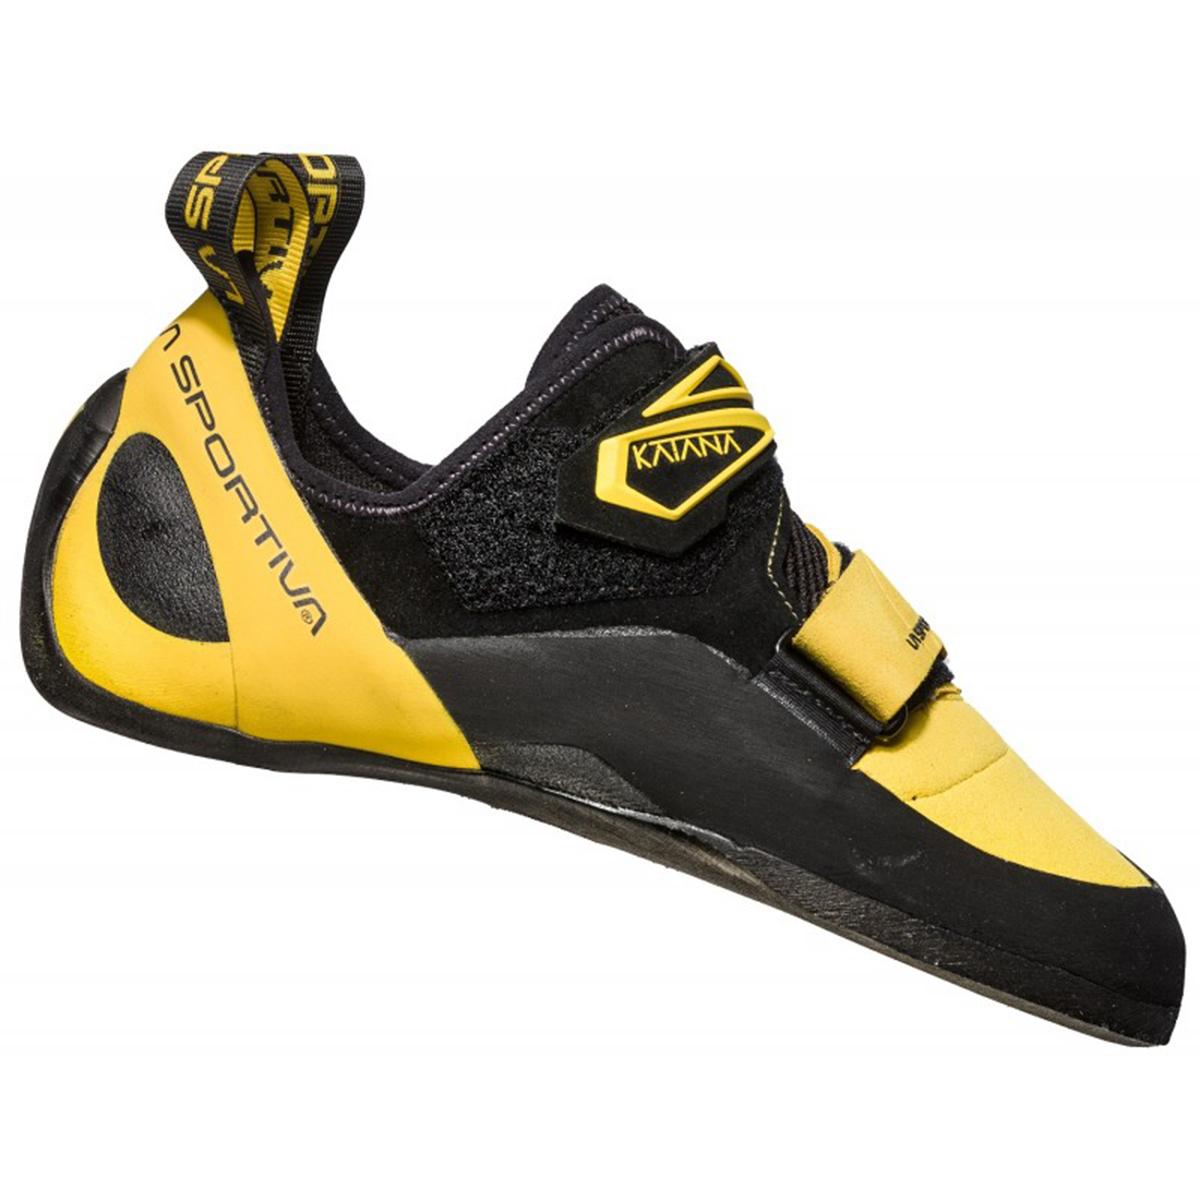 Katana VCS Climbing Shoe ...